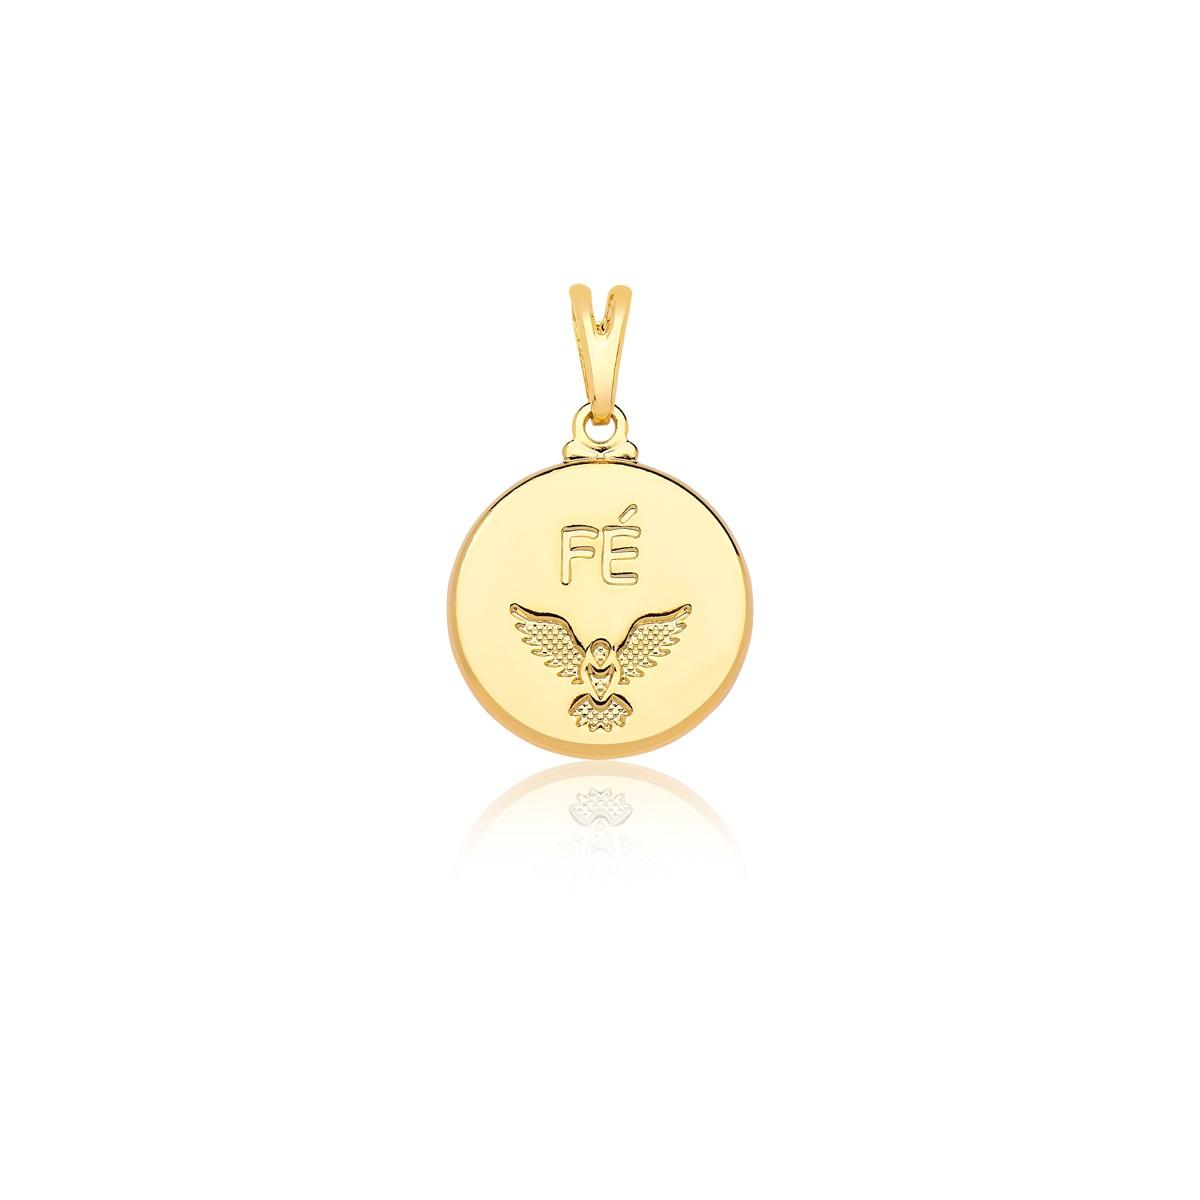 Pingente Divino Espirito Santo escrito Fé banhado em ouro 18k